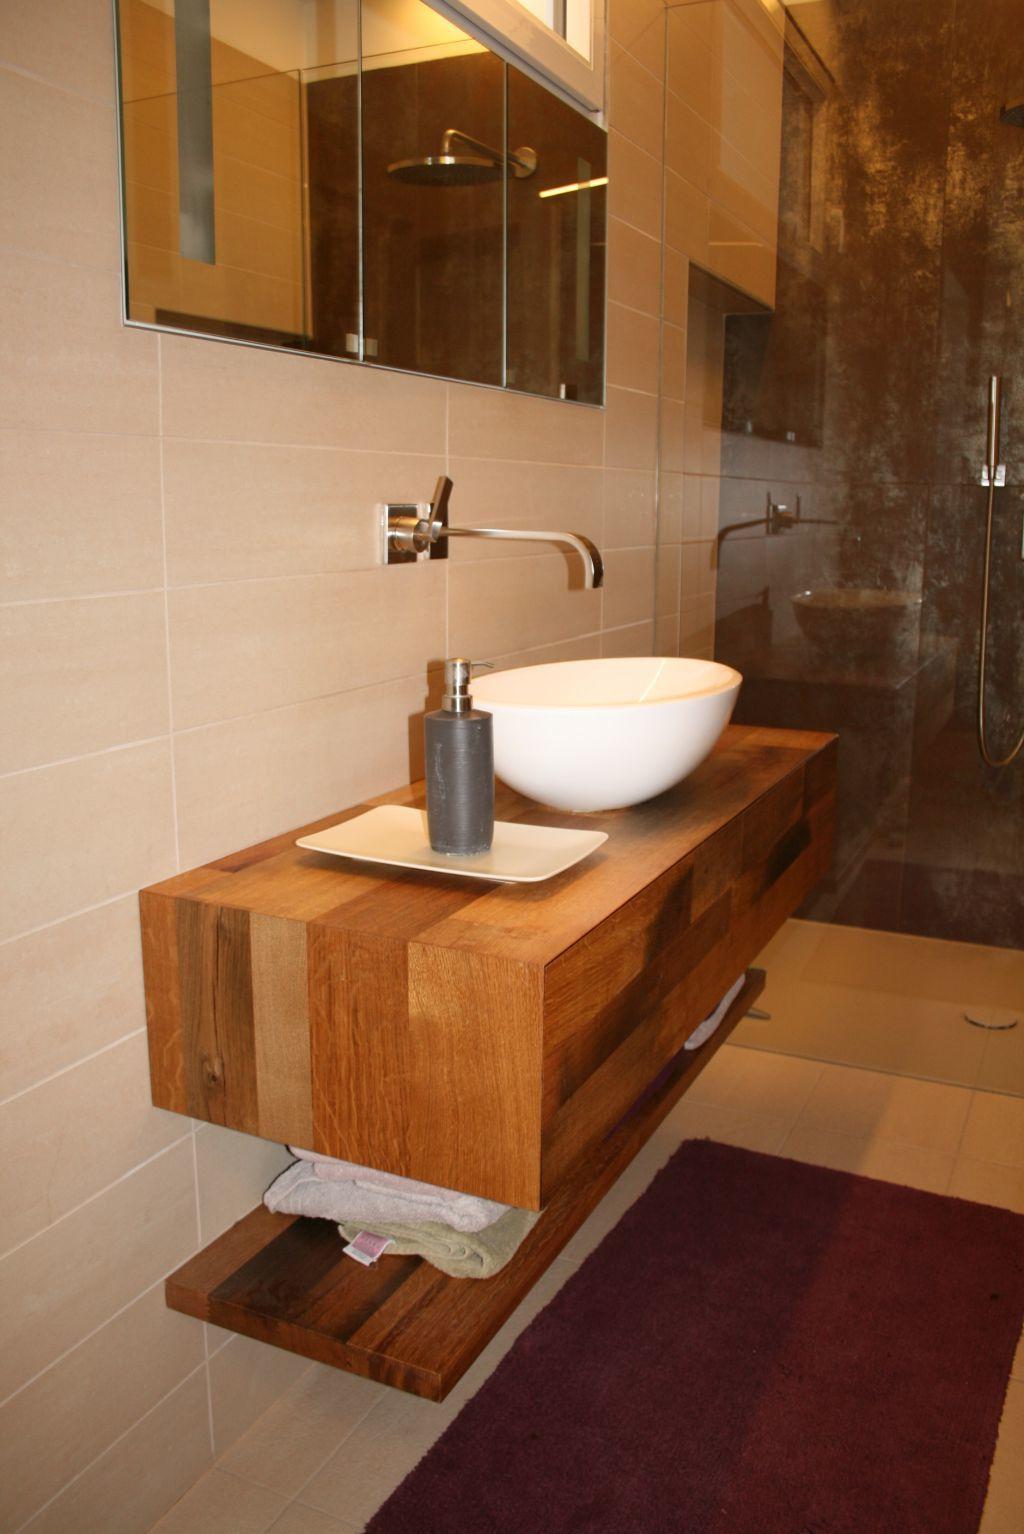 Holz mit Stein-perfekte Kombination